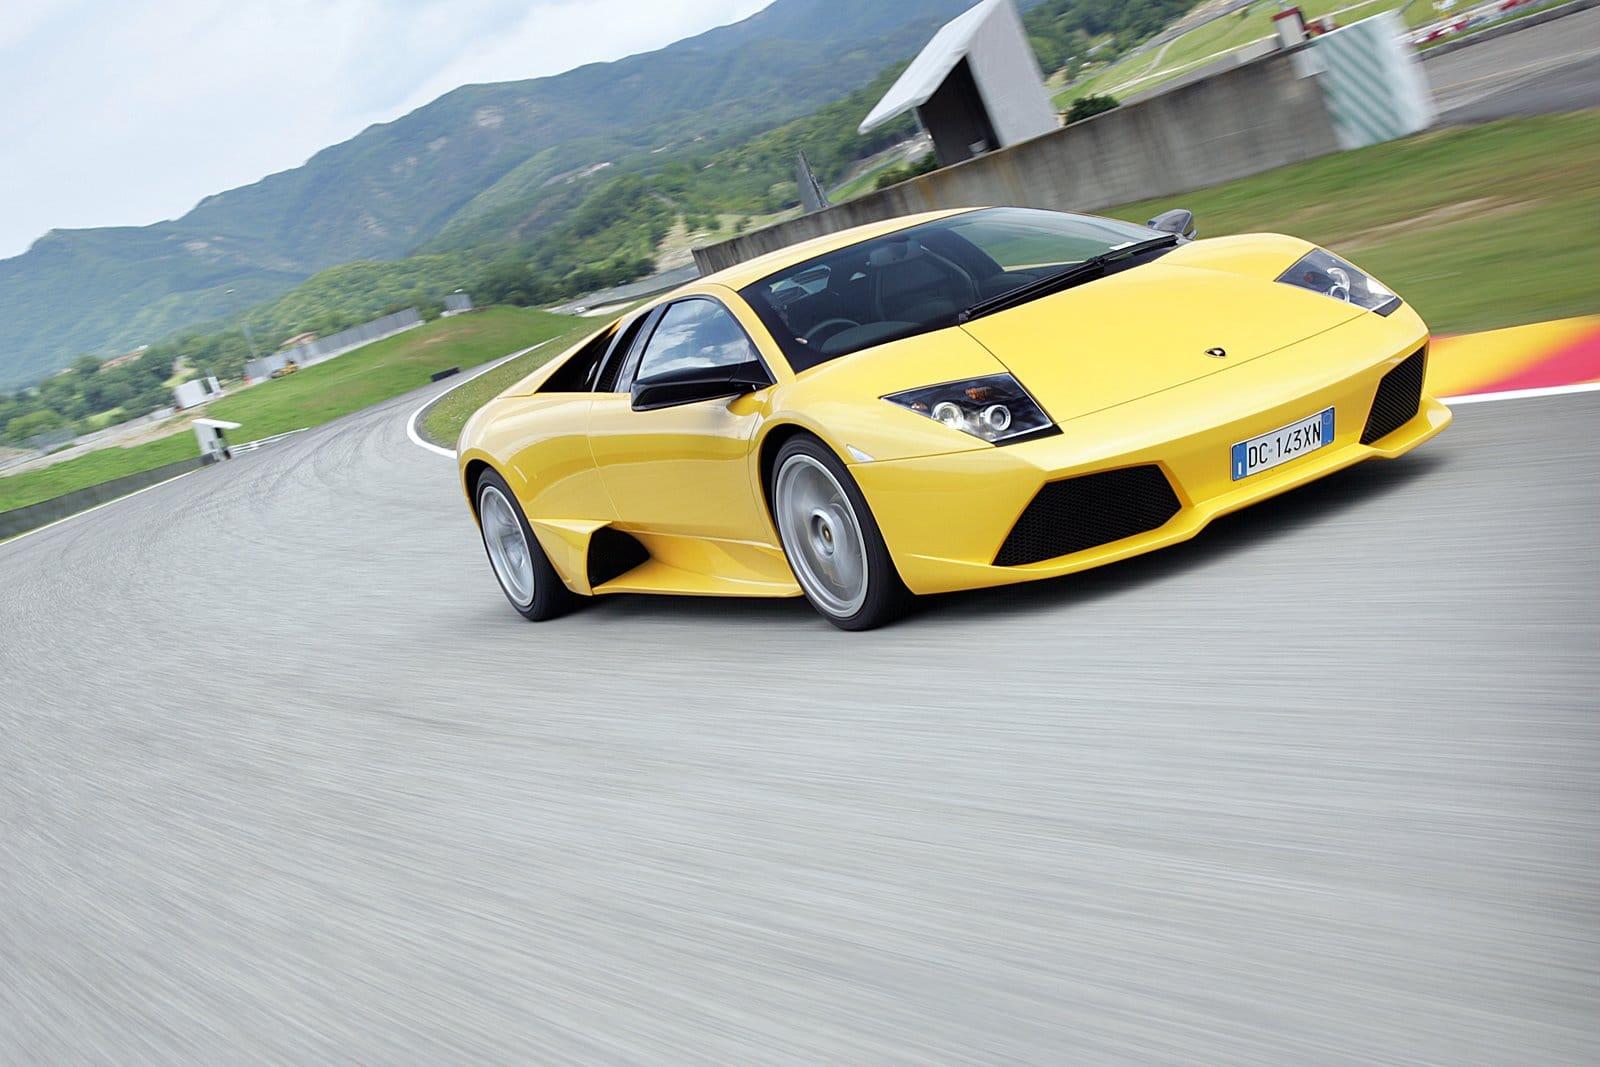 Murciélago con motor V12 de Lamborghini